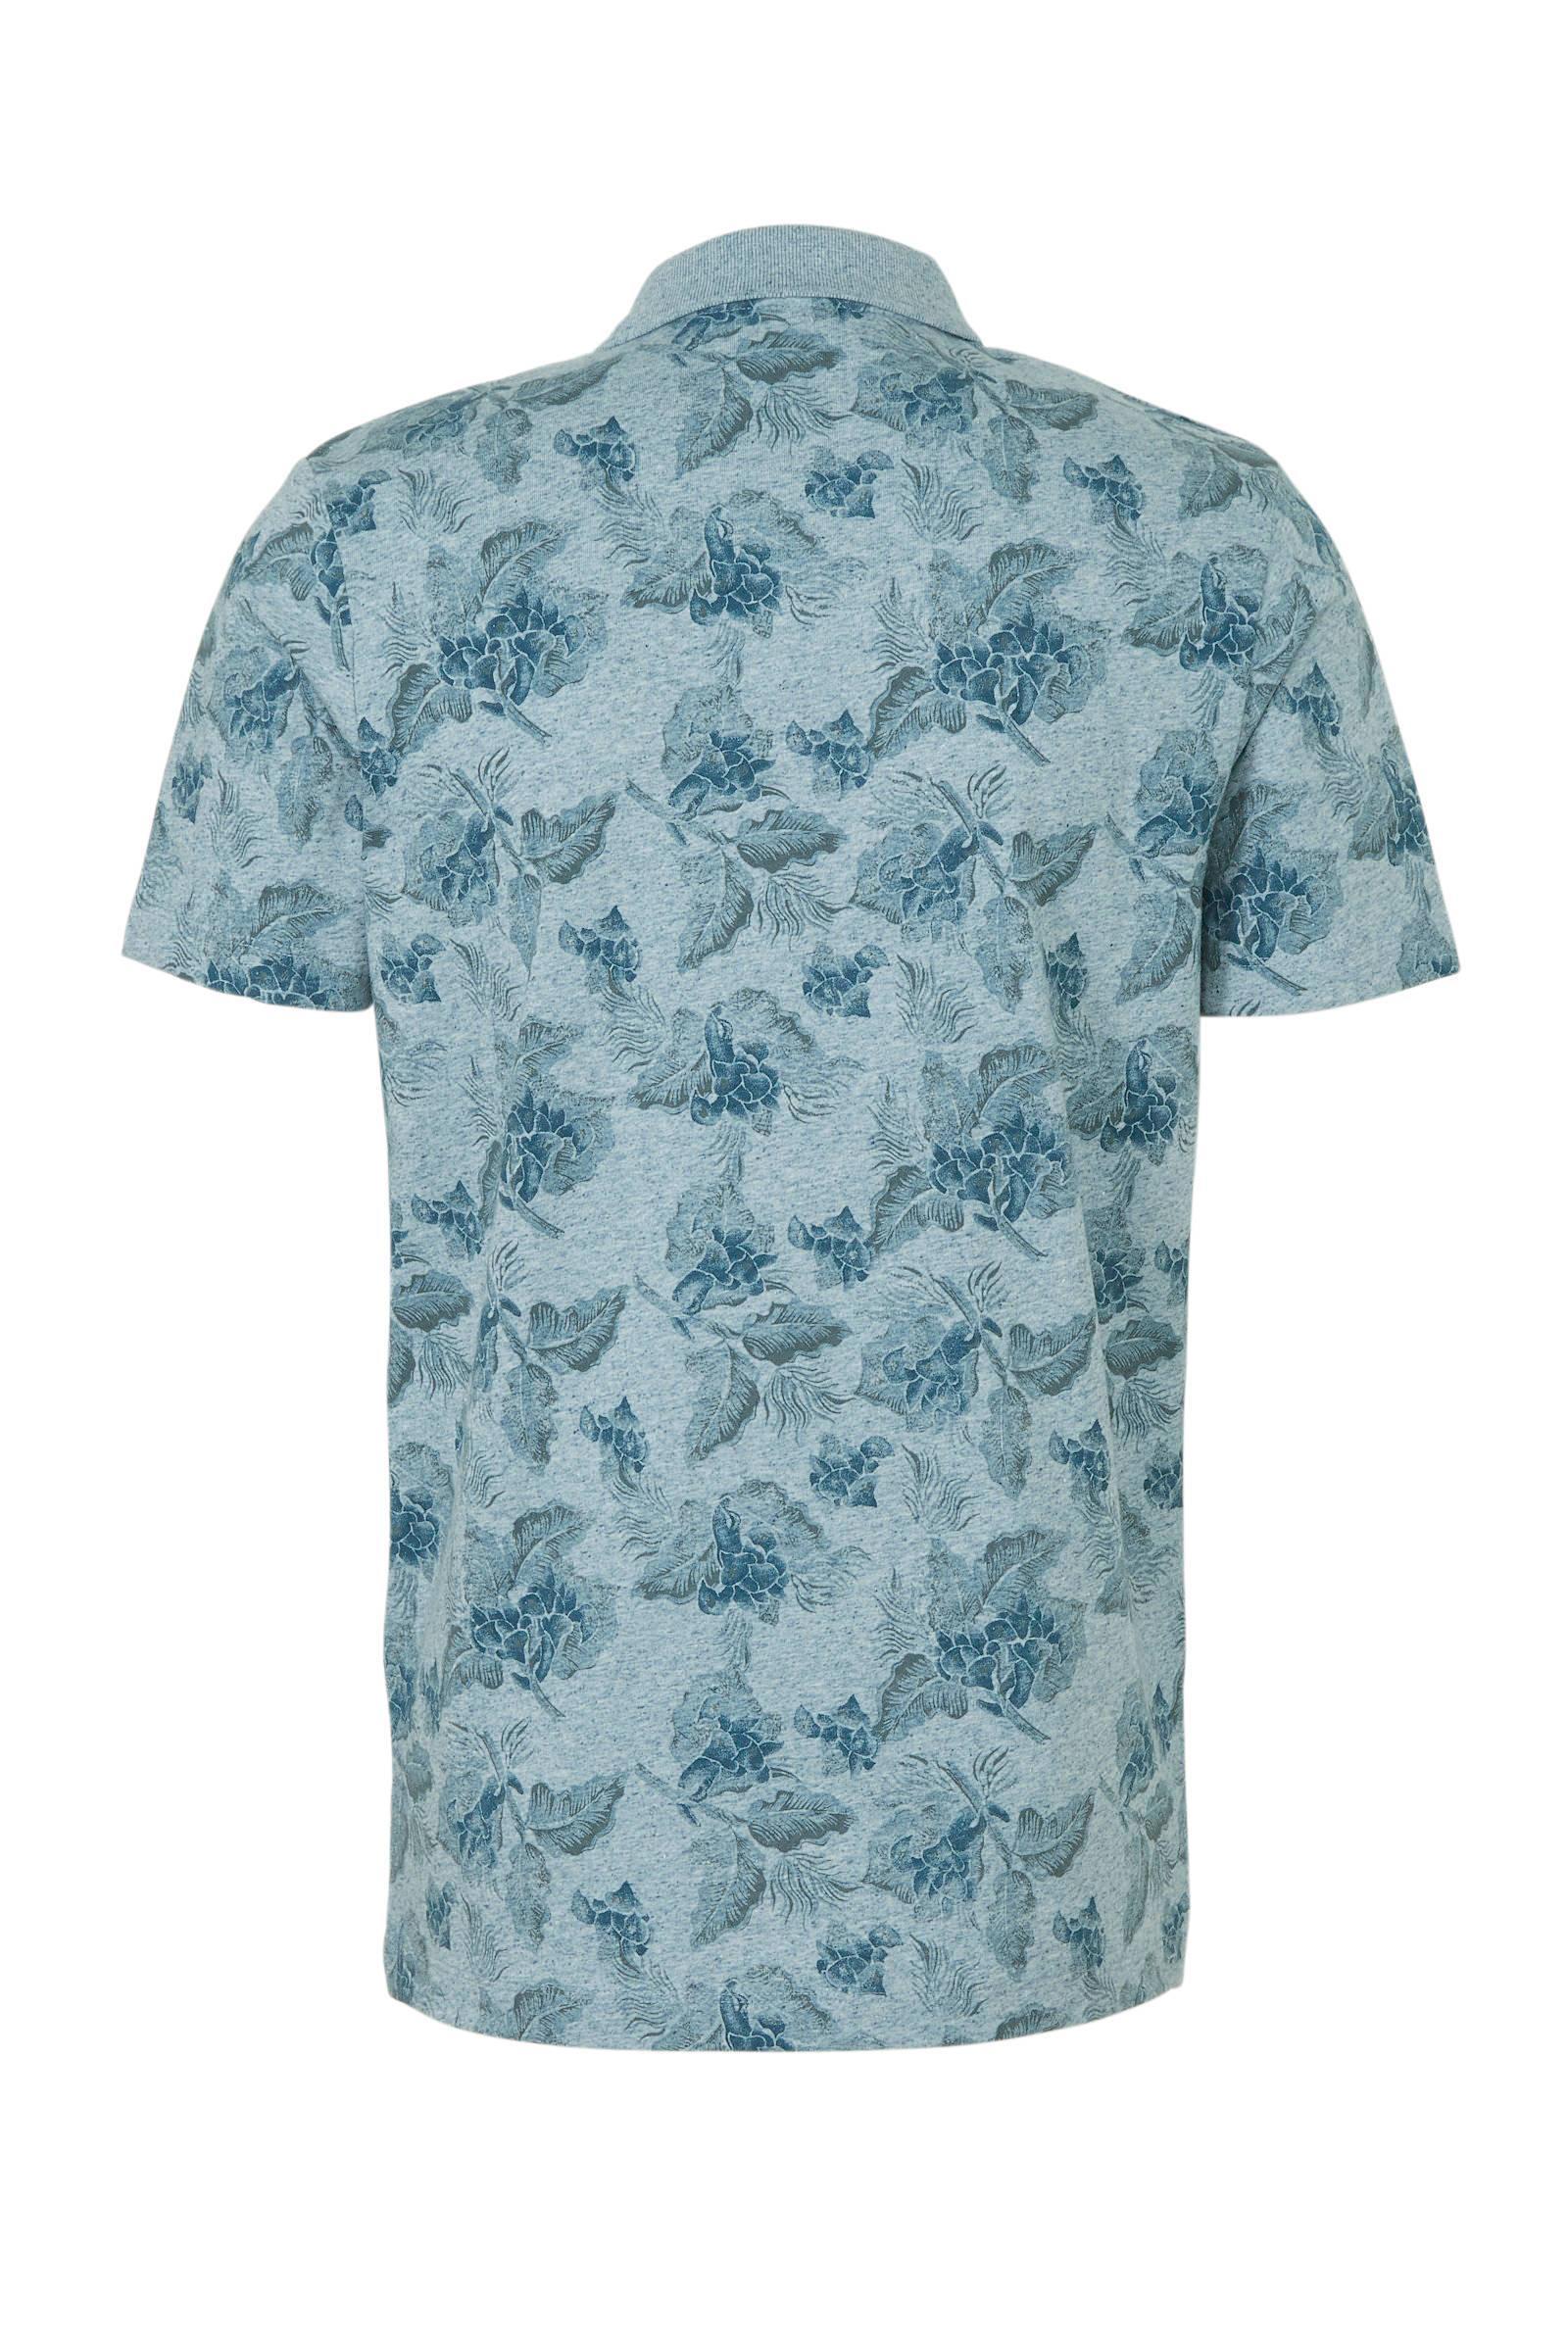 Jack & Jones Premium Slim Fit Polo Met Bladprint Blauw in het Blauw voor heren